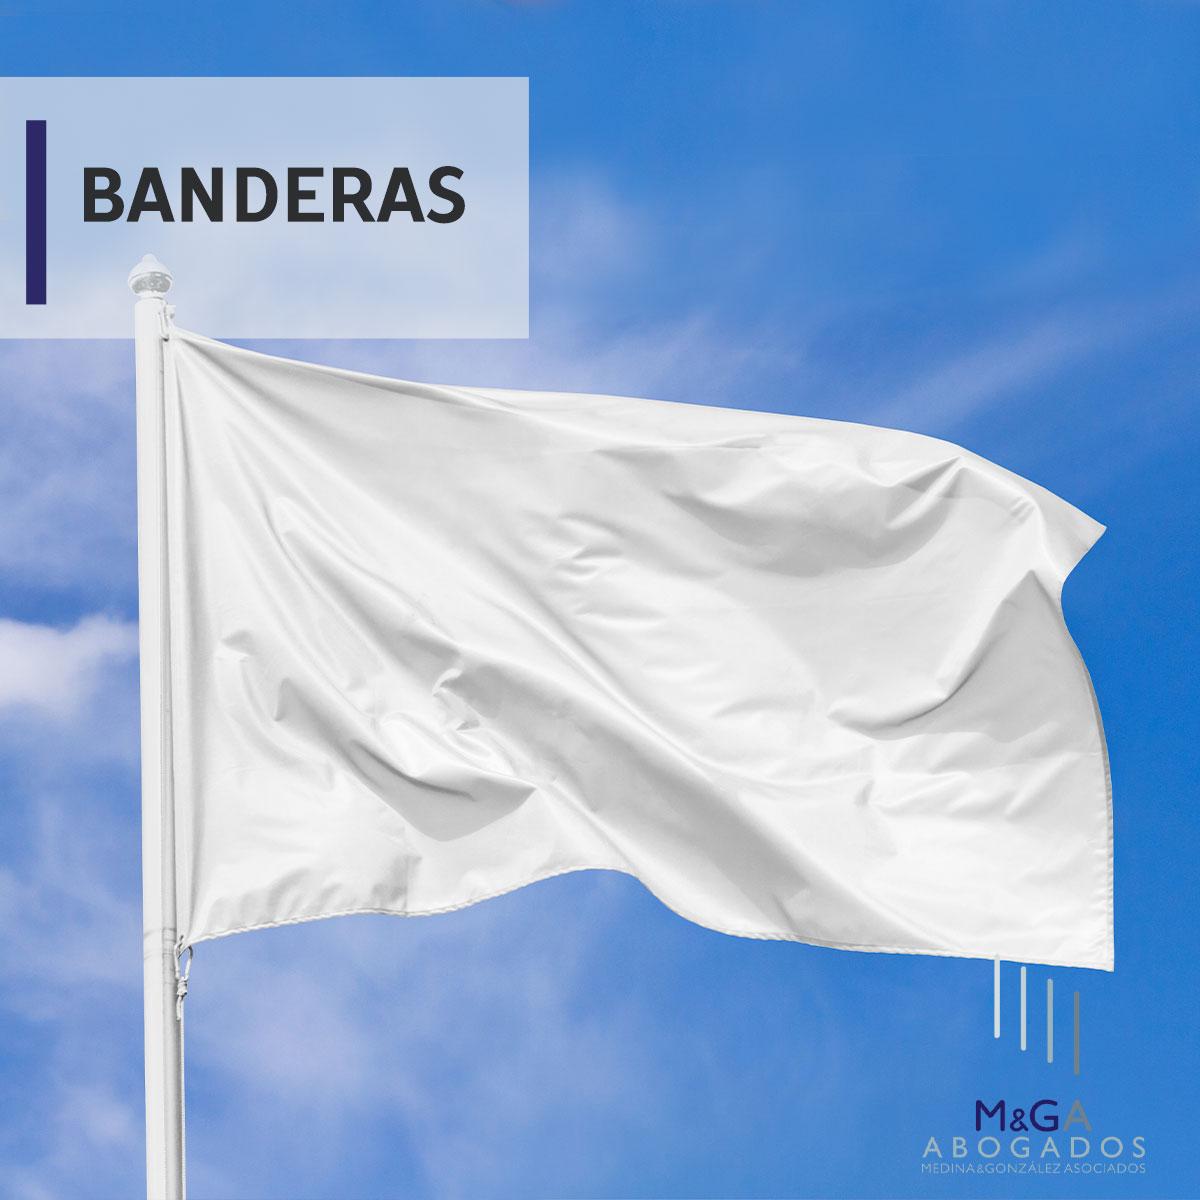 El Supremo destierra las banderas no oficiales del exterior de los edificios públicos